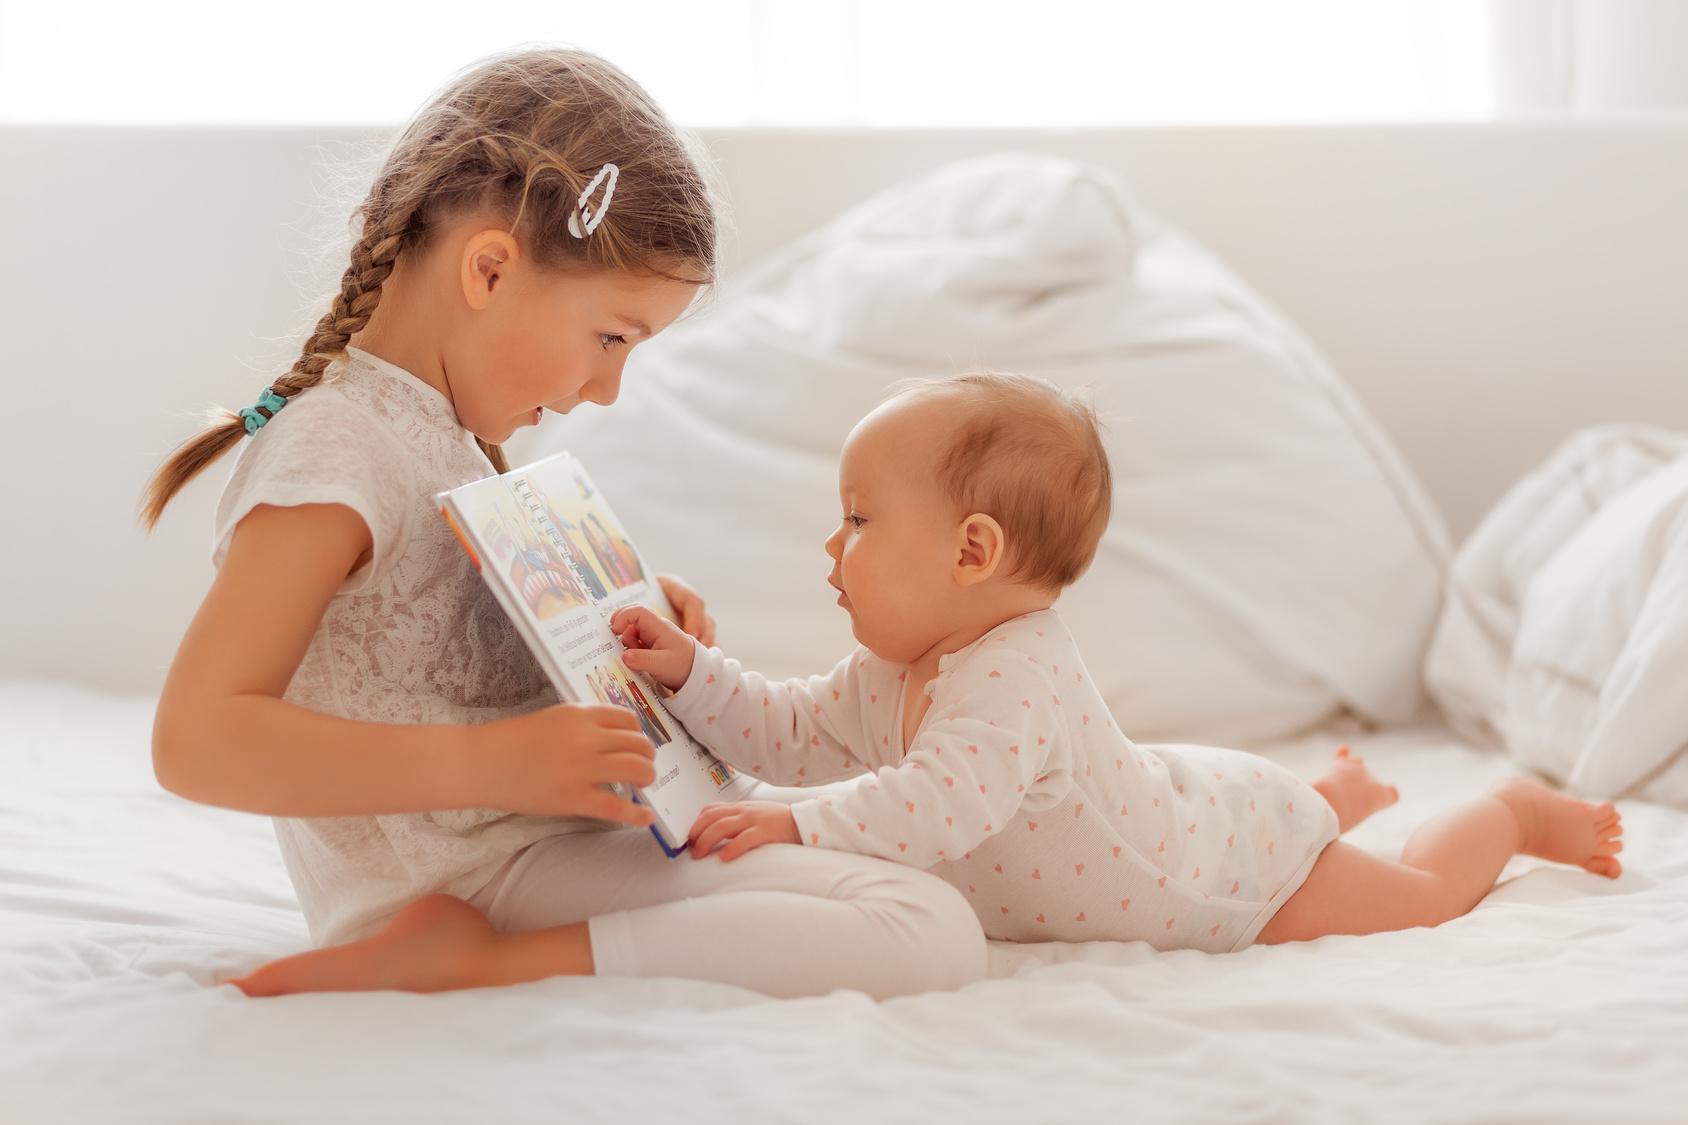 鼠径ヘルニアの治療は小児外科専門医を受診するのがオススメ